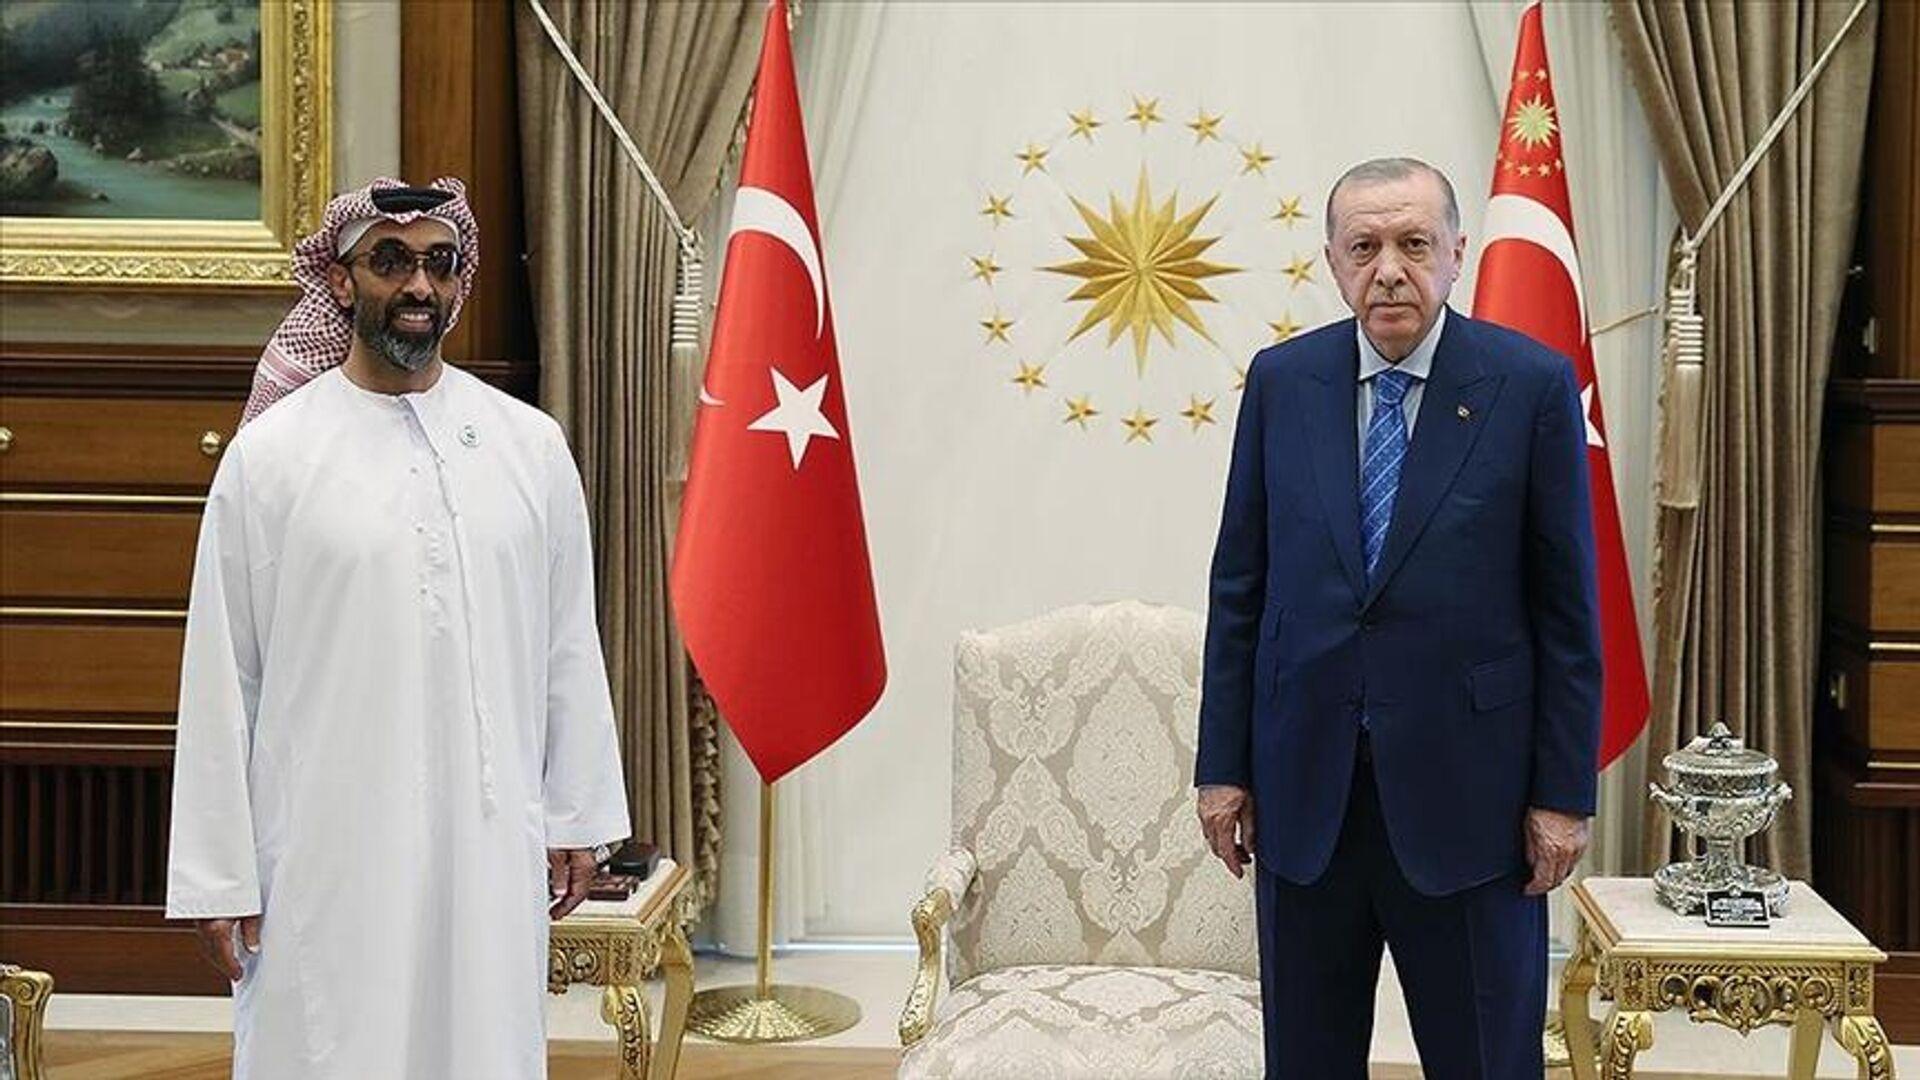 Cumhurbaşkanı Erdoğan, BAE Ulusal Güvenlik Danışmanını kabul etti  - Sputnik Türkiye, 1920, 31.08.2021